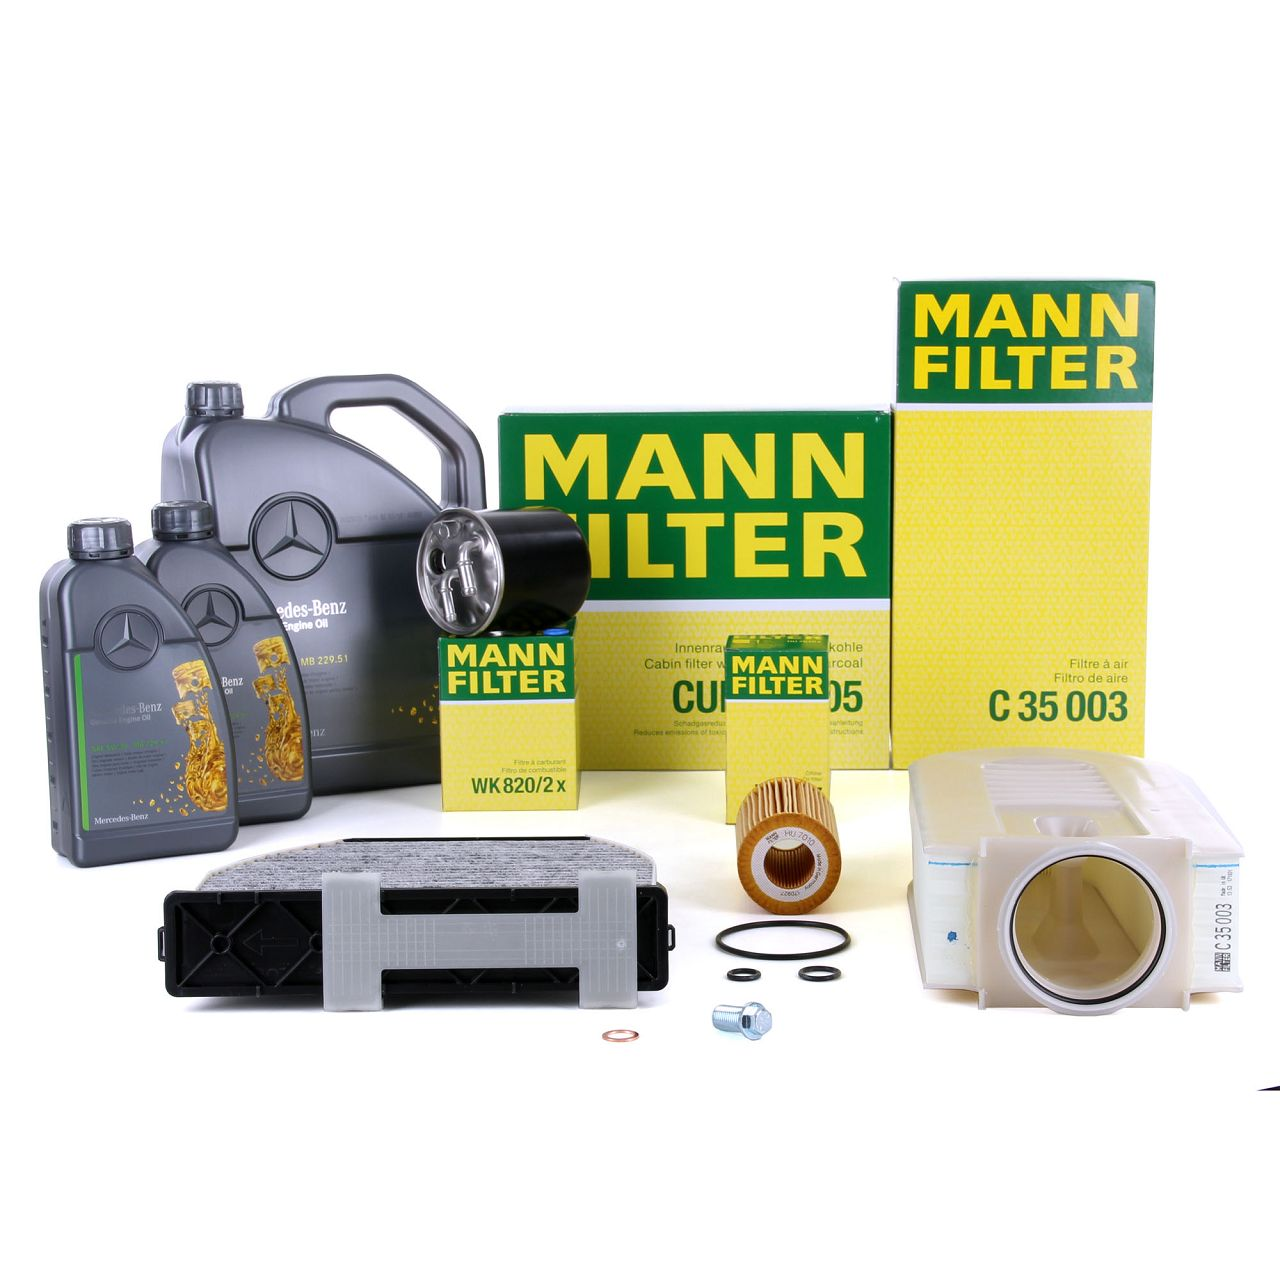 MANN Inspektionskit + 7 L ORIGINAL Mercedes 5W30 Motoröl W204 S202 X204 200/220/250CDI